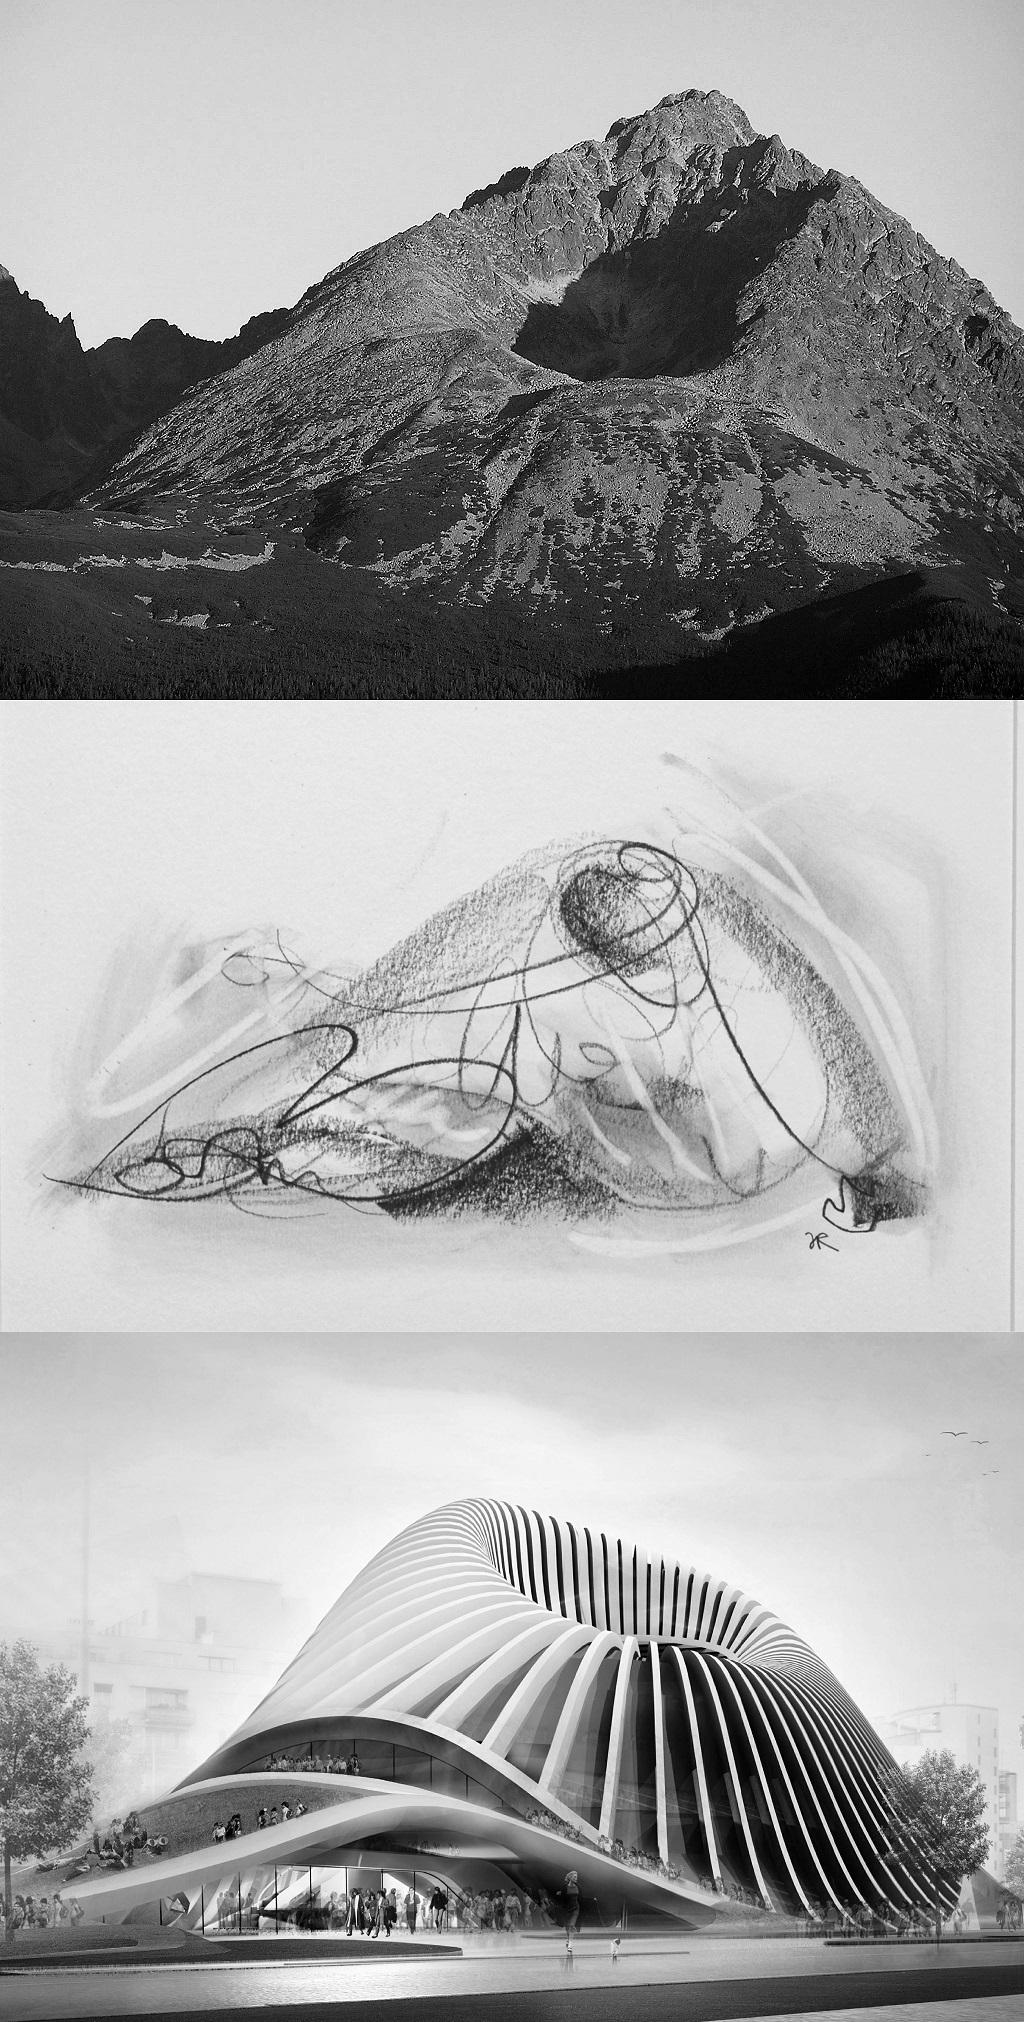 Gerlach peak